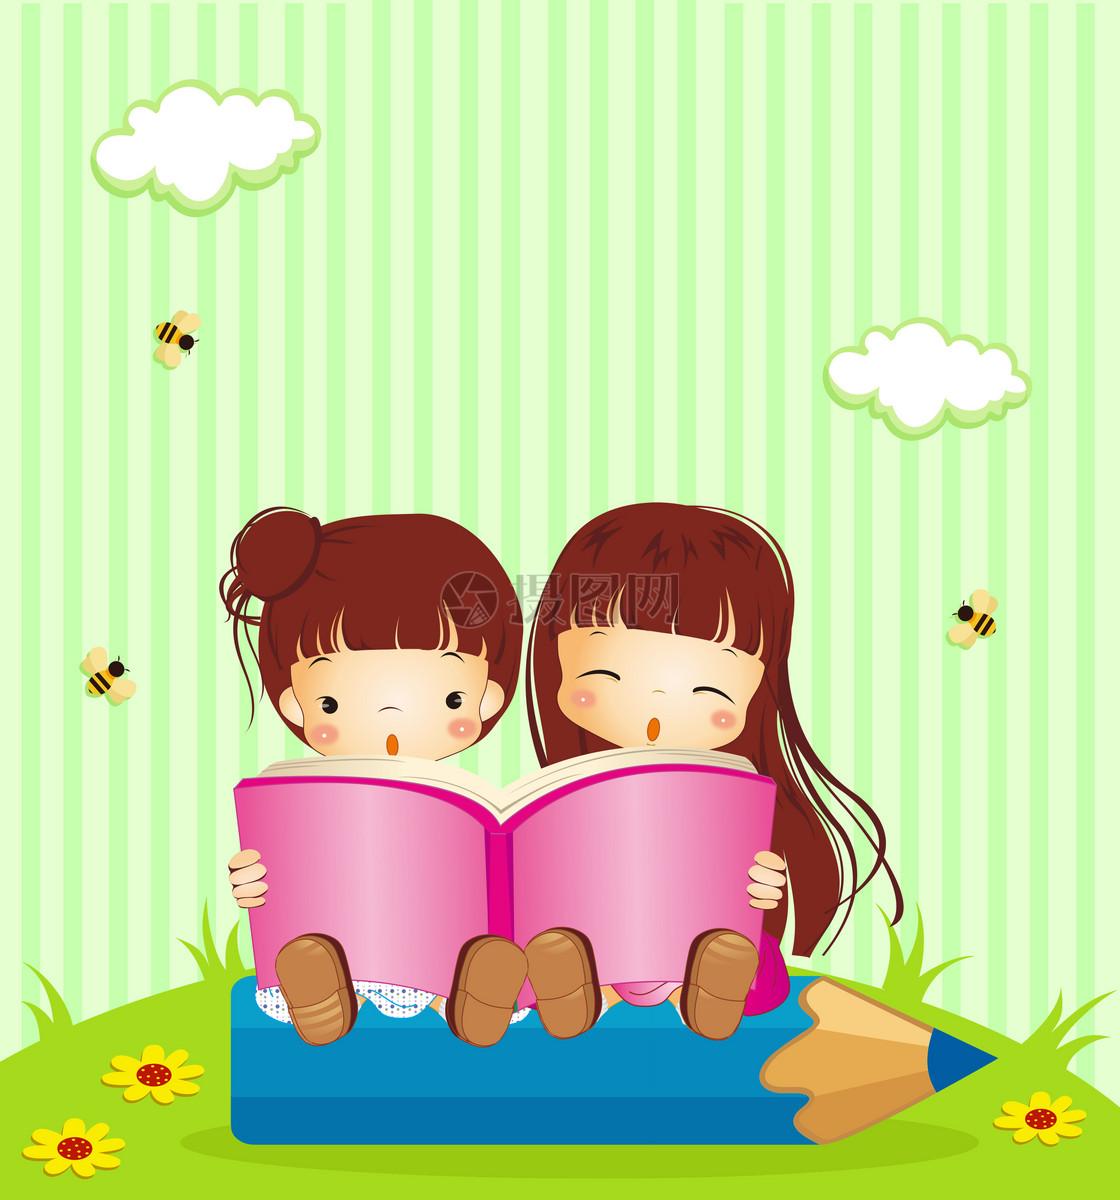 看书可爱cc猫简笔画